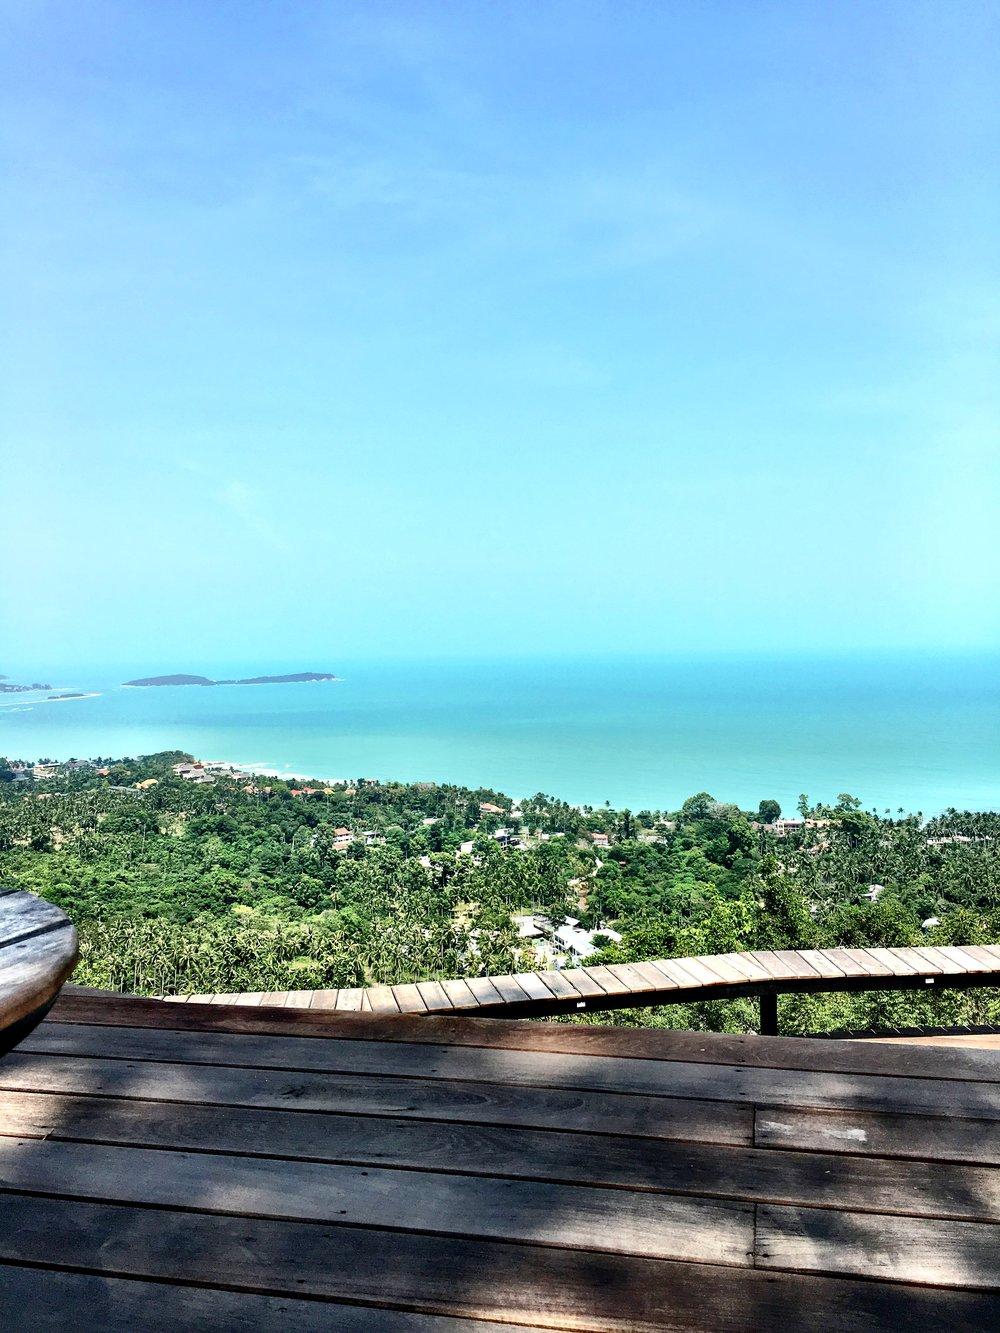 thailand koh samui jungle club ocean view